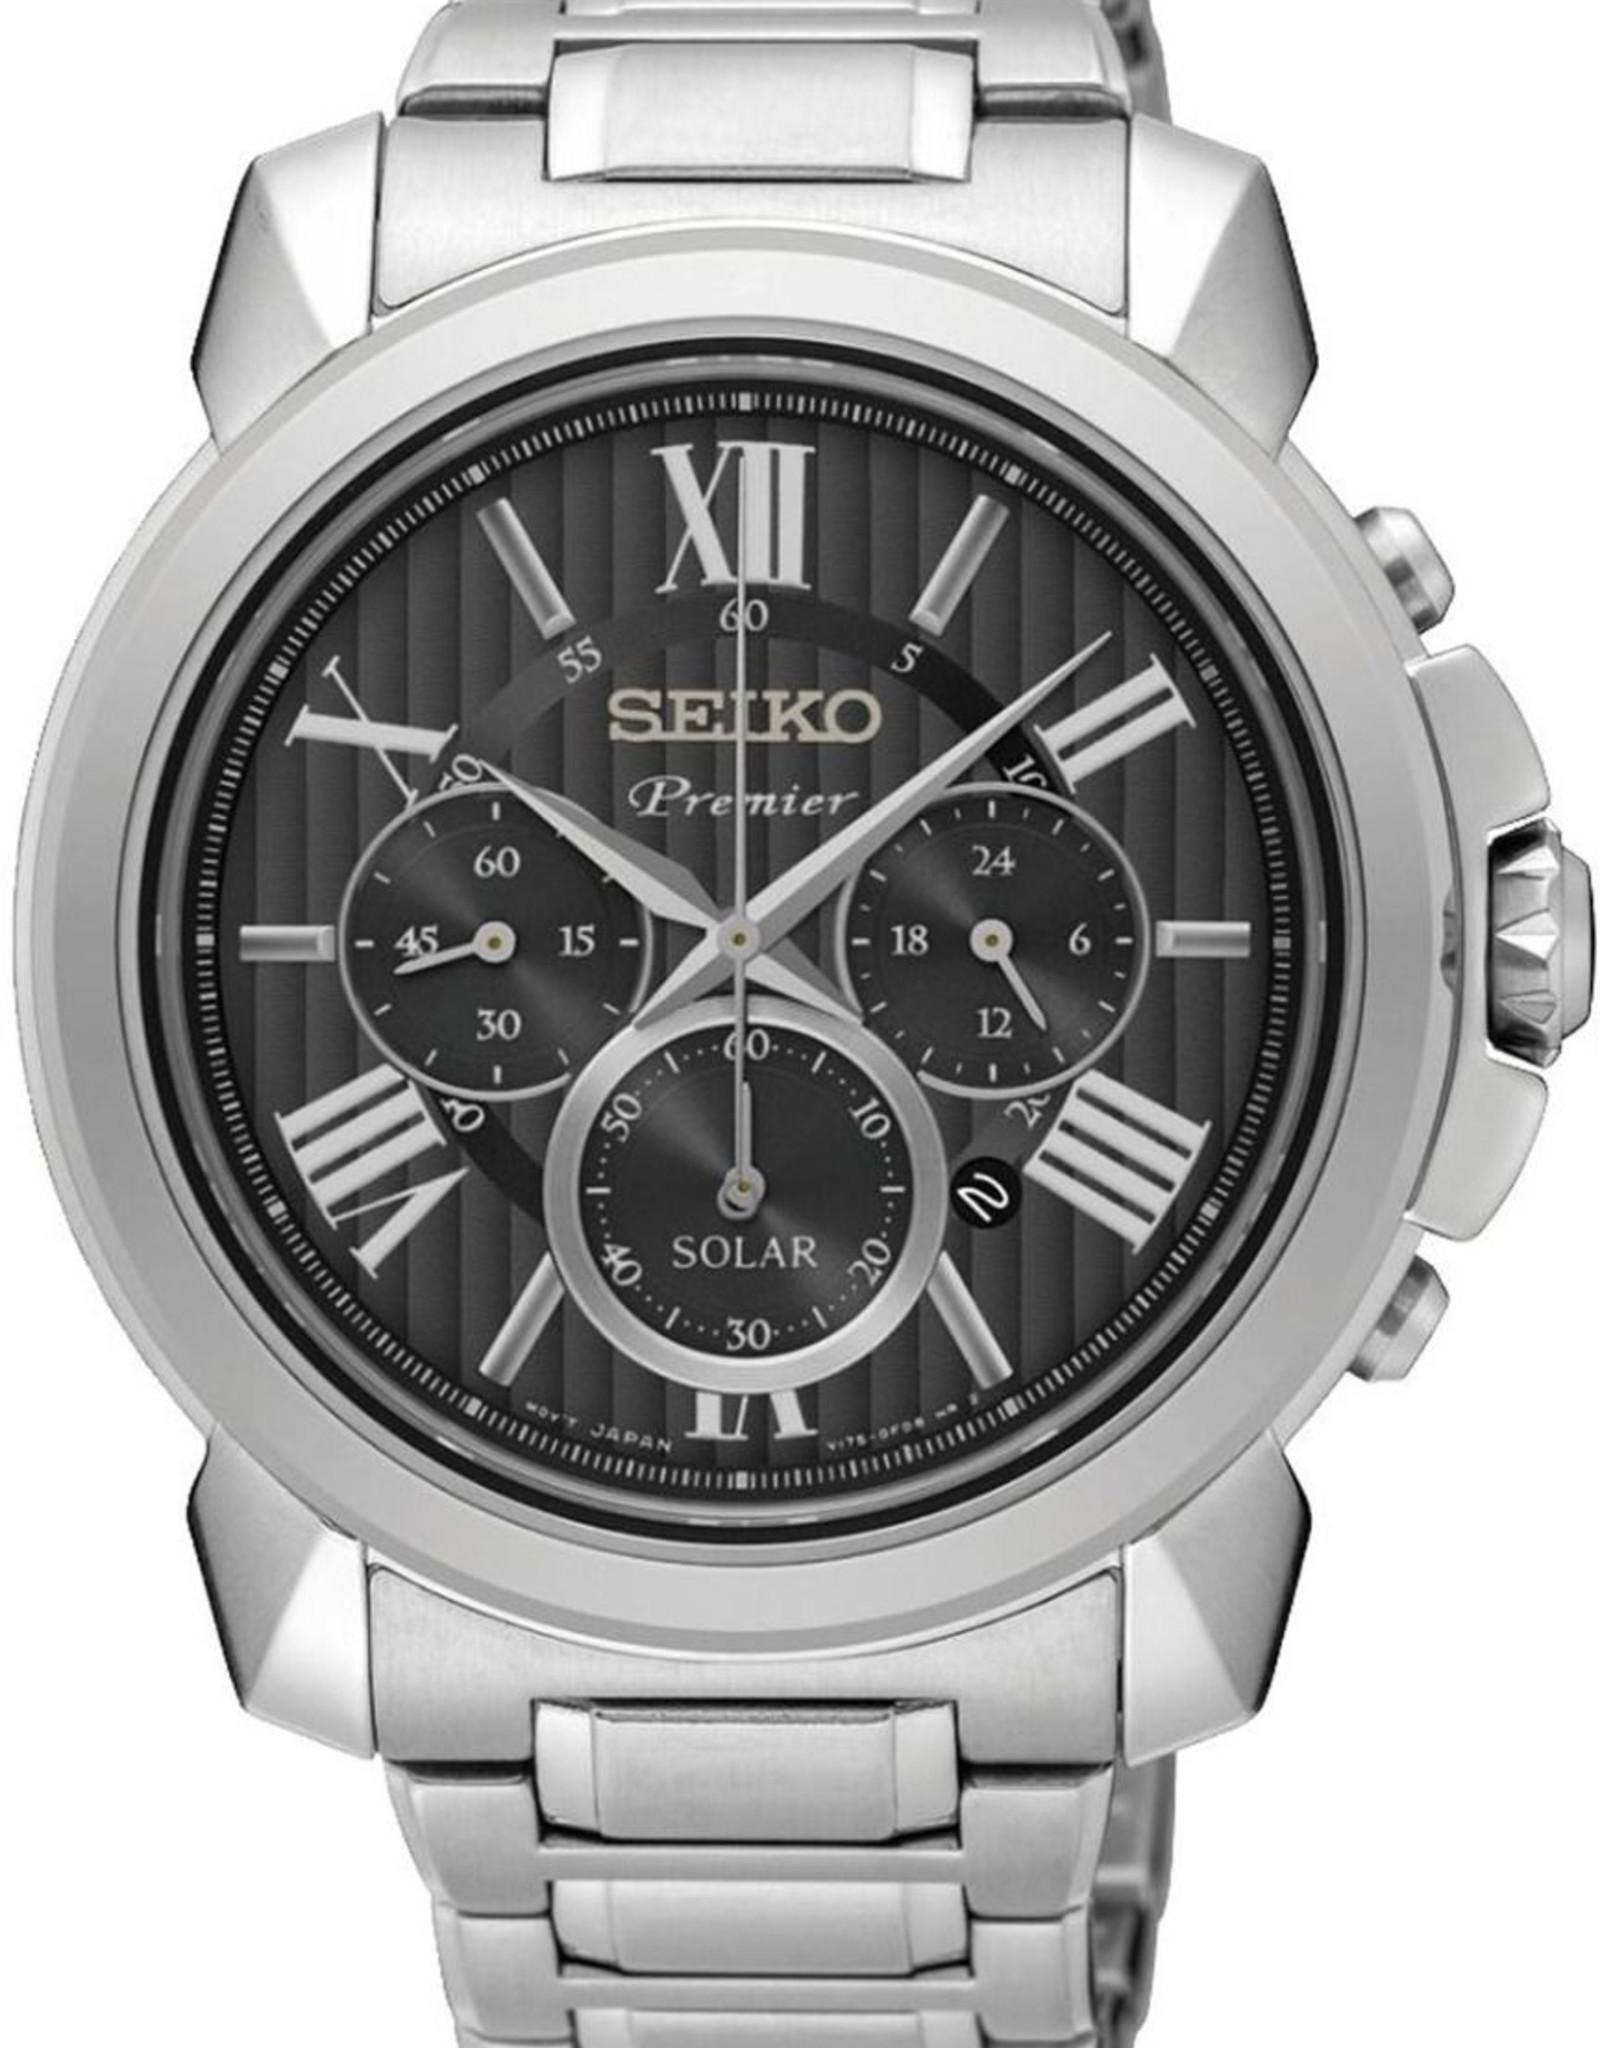 Seiko ssc597p1